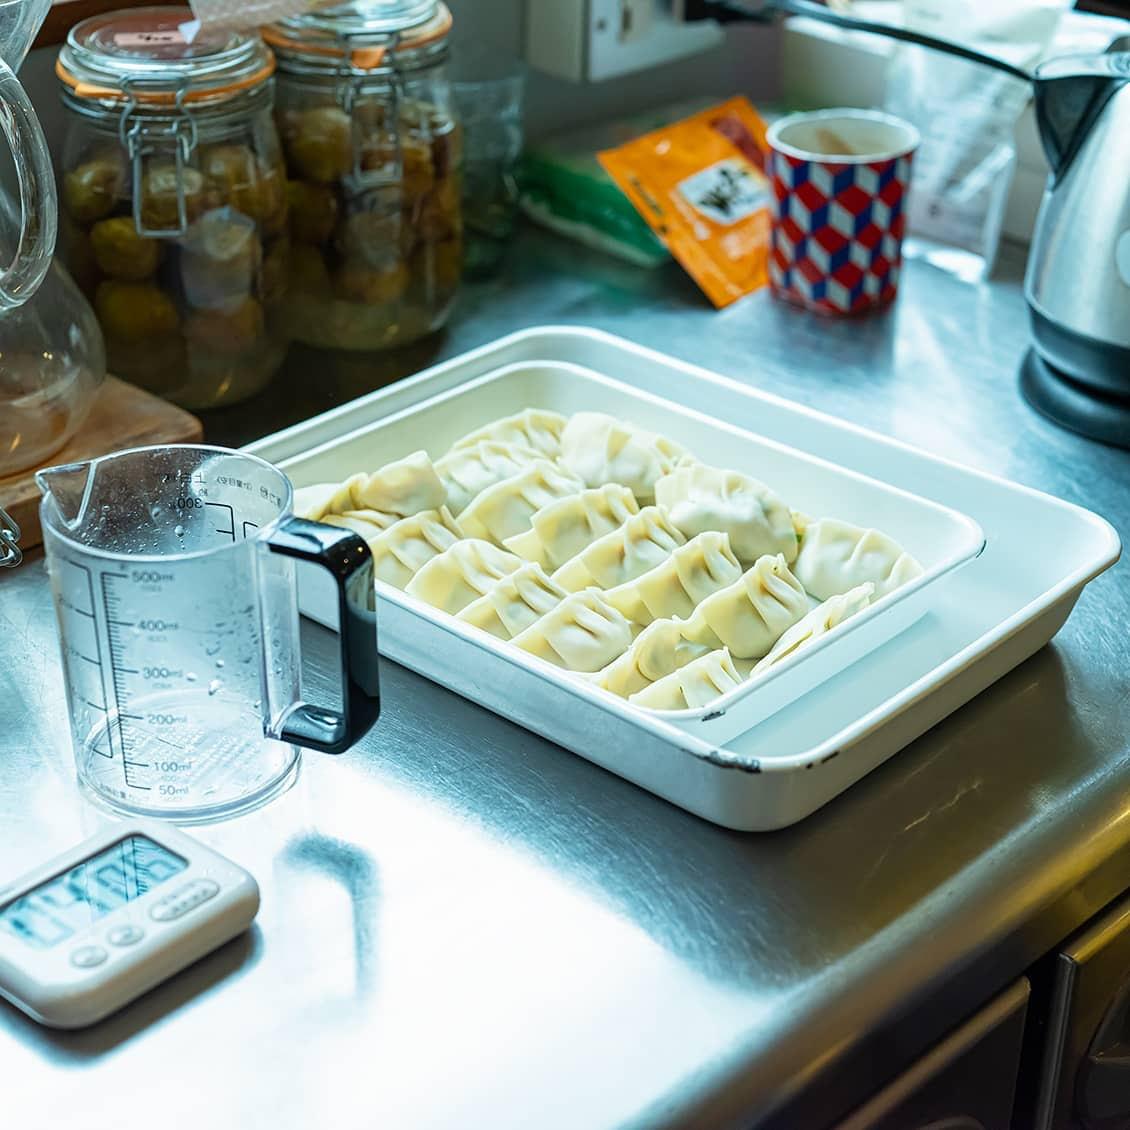 【今日は餃子にしませんか】第2話:熱々の焼き餃子とキンキンに冷えたビールがあれば、もう。